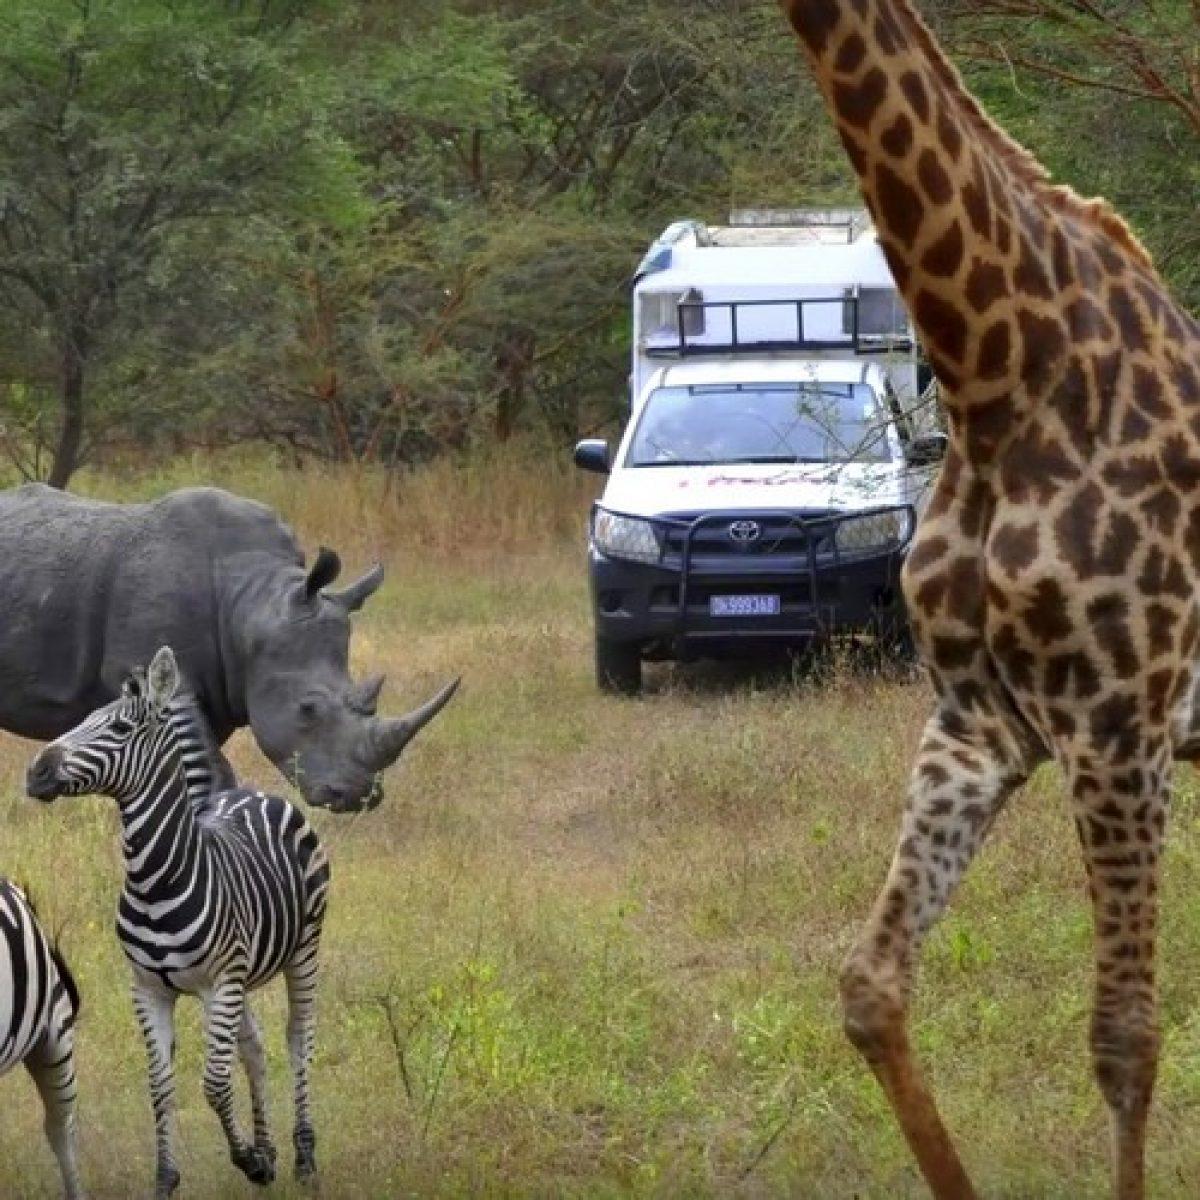 La Reserva de los animales de Bandia - Medio día